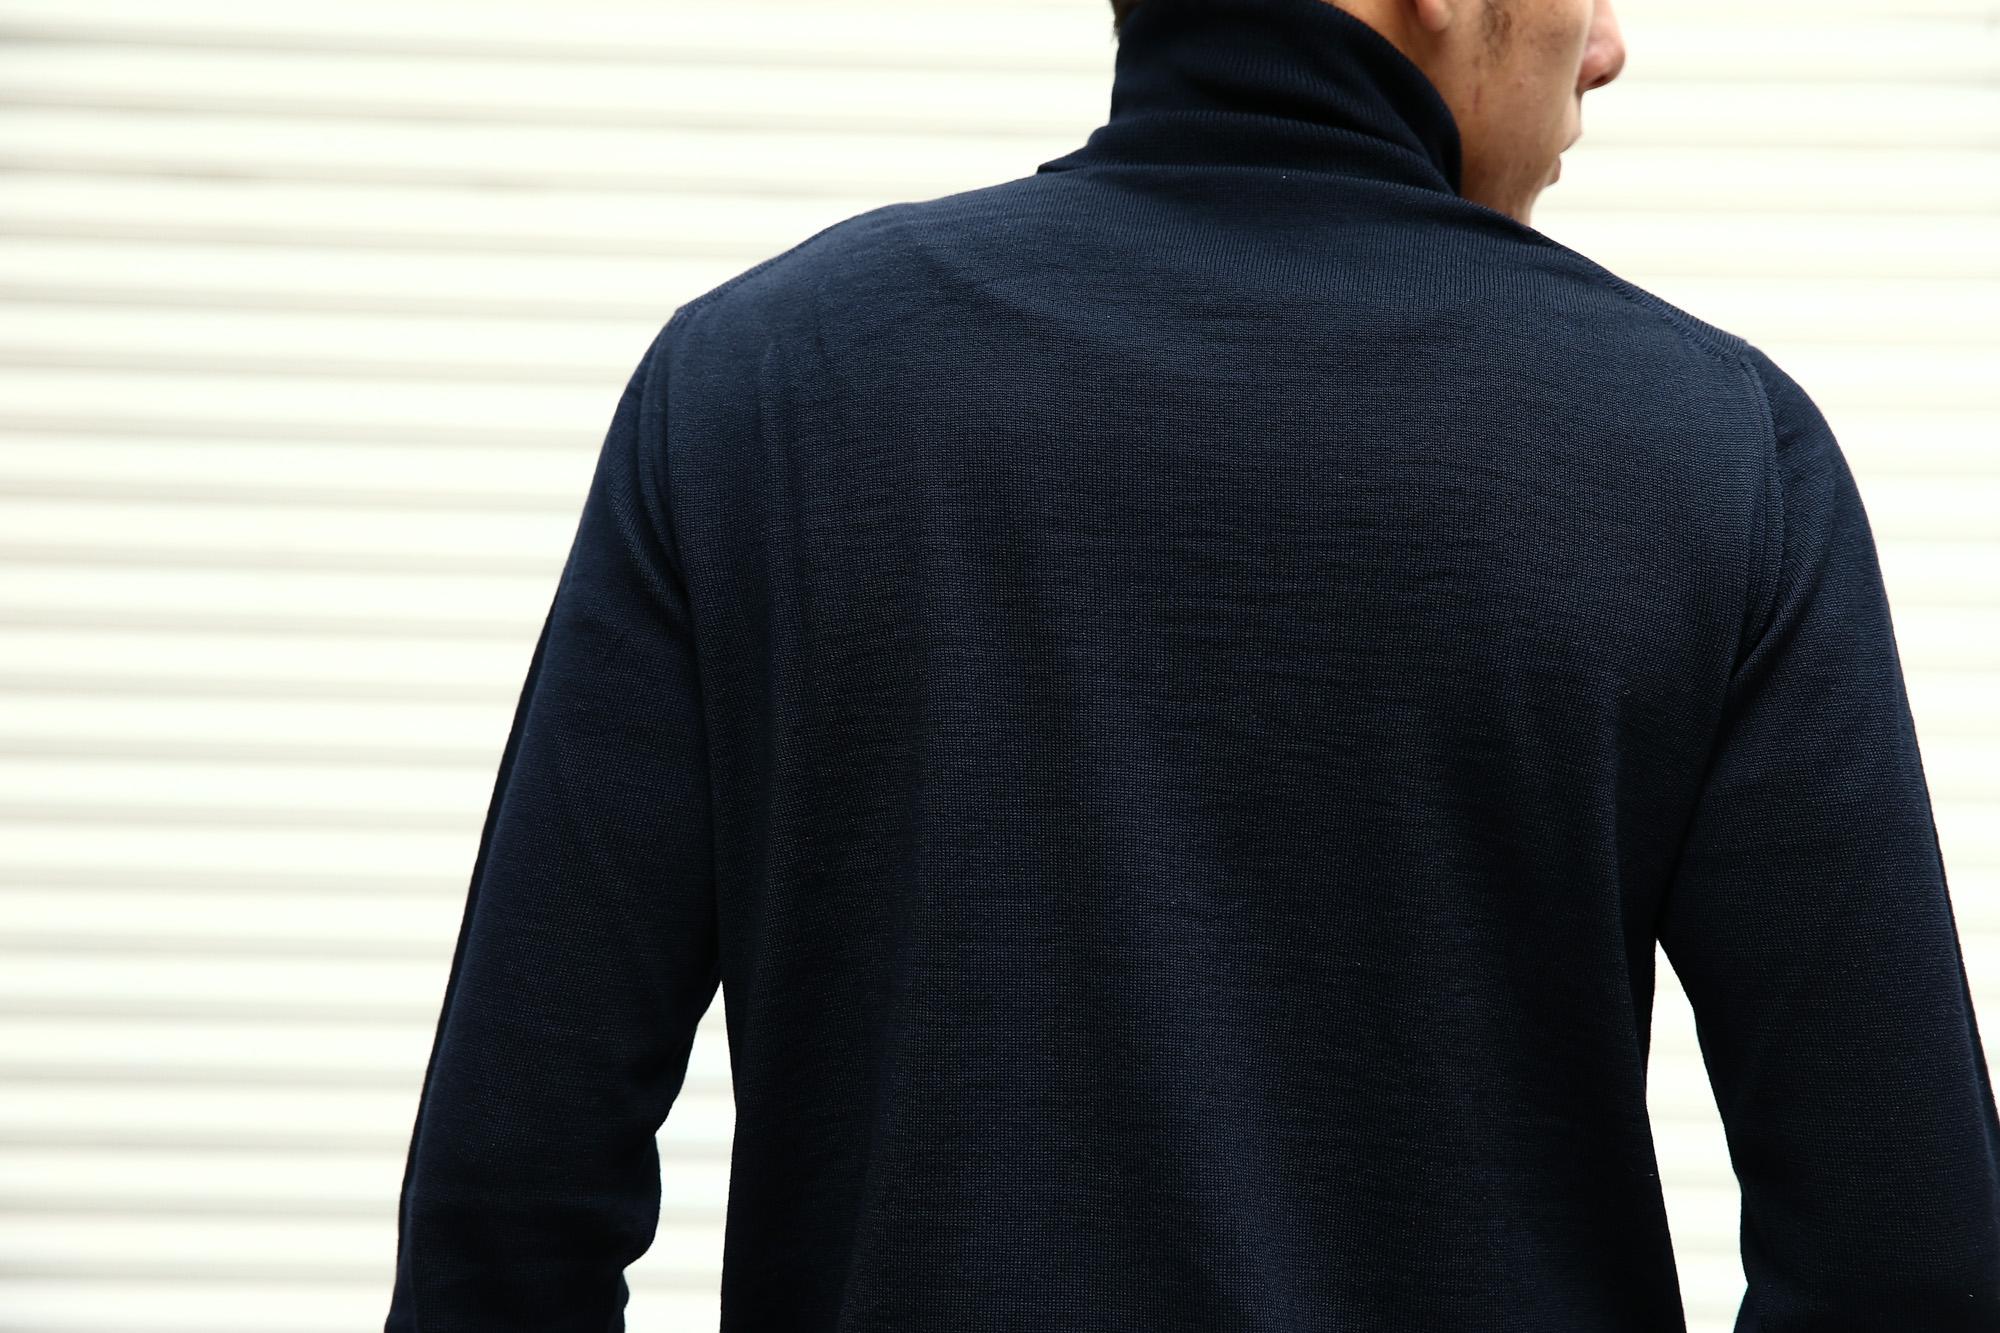 【ZANONE / ザノーネ】 Turtle Neck Sweater タートルネックセーター VIRGIN WOOL 100% ヴァージンウール100% ハイゲージウールニットセーター NAVY (ネイビー・Z1375) made in italy (イタリア製) 2017 秋冬新作 made in italy (イタリア製) 2017 秋冬新作 zanone ザノーネ タートルネック 愛知 名古屋 Alto e Diritto アルト エ デリット タートル